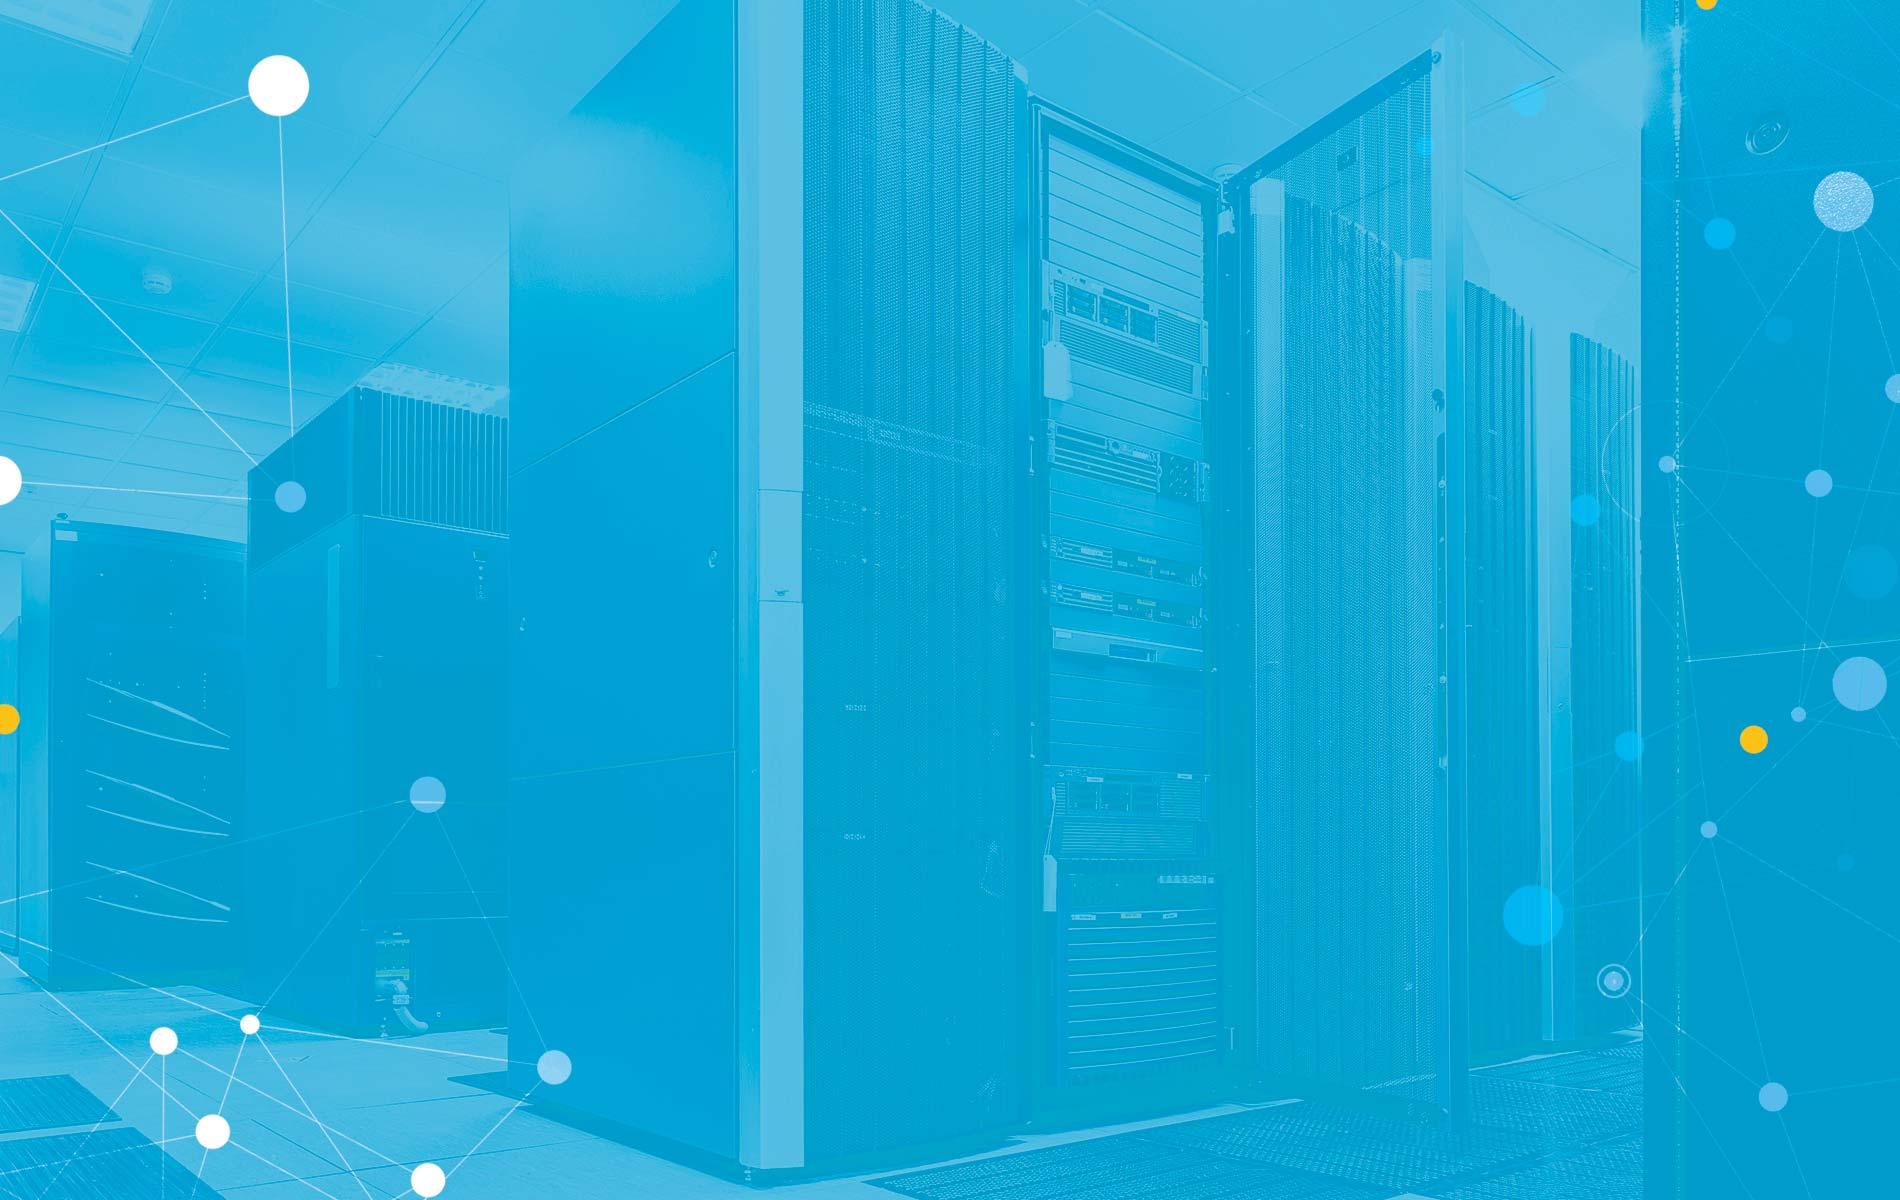 rf_code_solutions_banner_bg.jpg